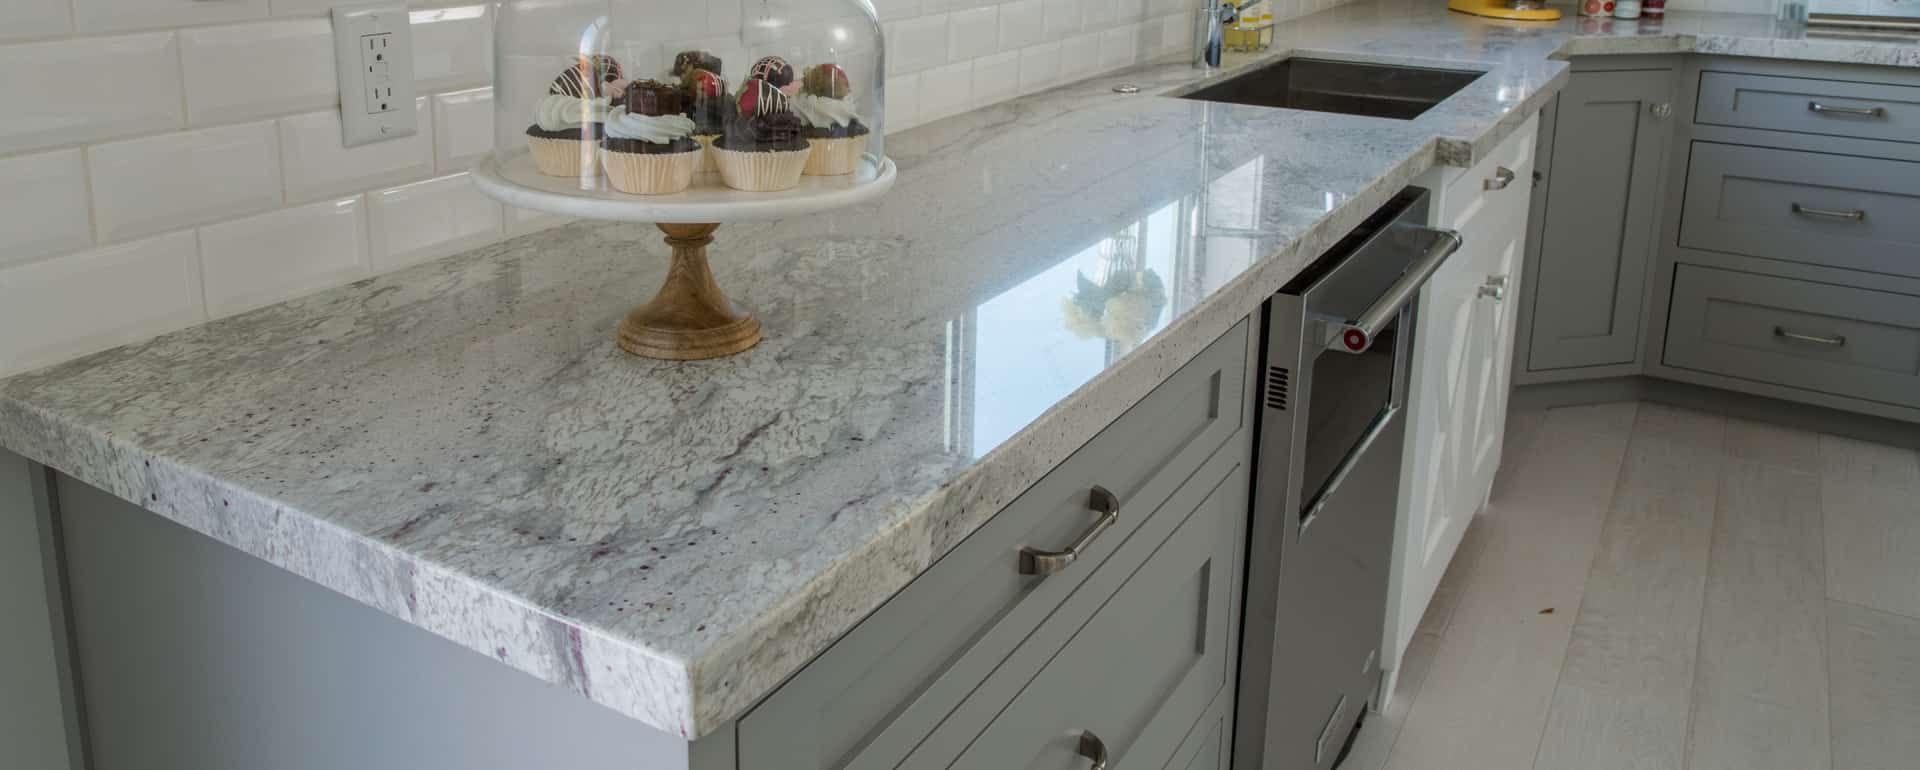 River White Natural Stone Granite Arizona Tile White Granite